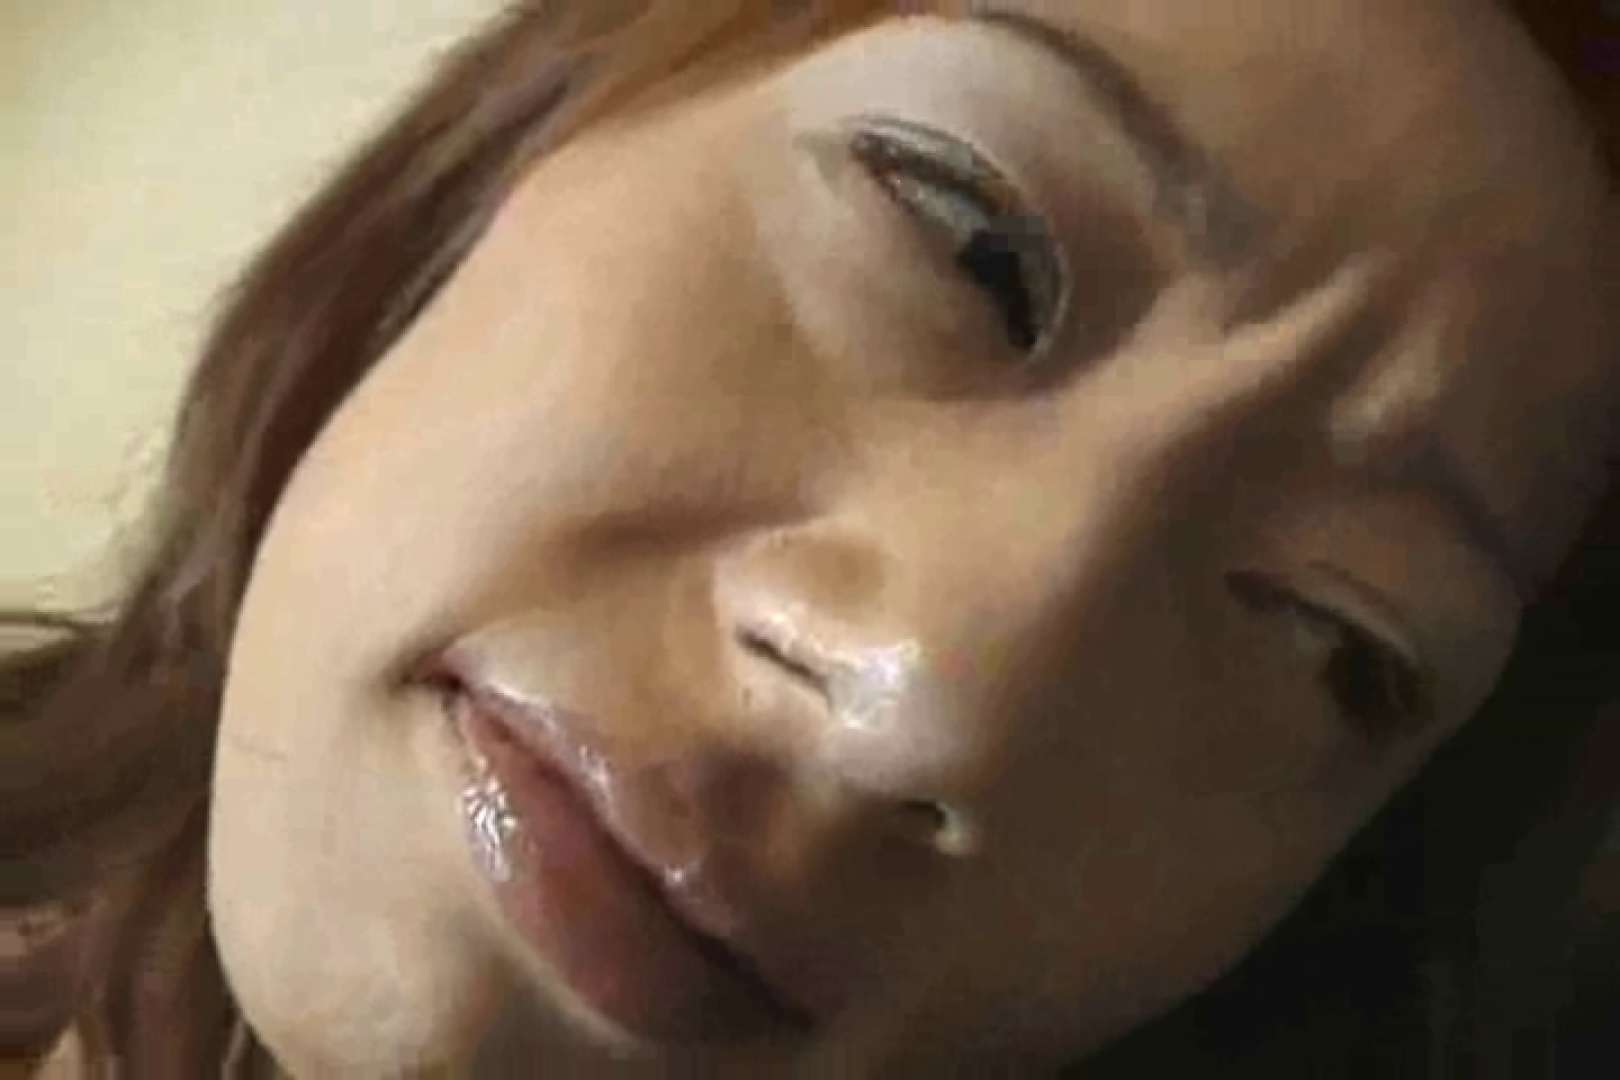 仁義なきキンタマ 伊藤孝一のアルバム カップル   0  83pic 41